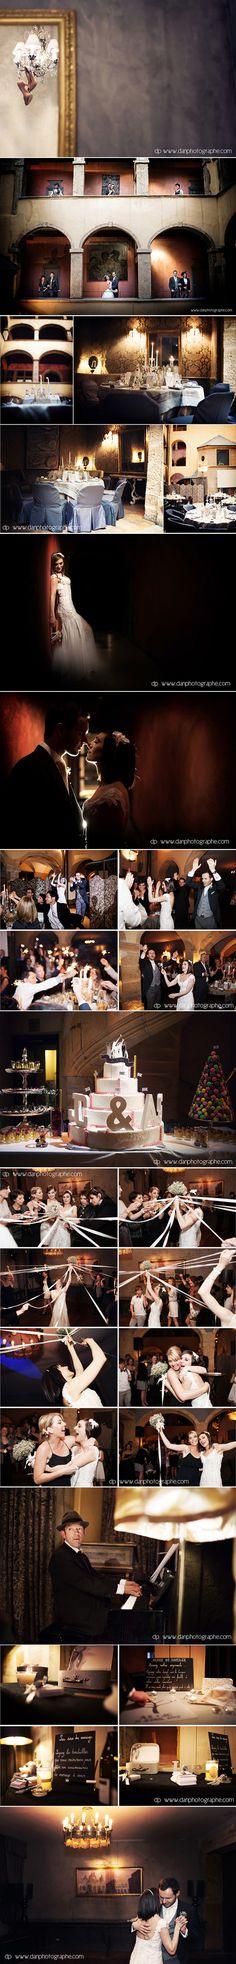 5.anne-sophie-et-jean-christophe-mariage-a-Lyon-Dan-photographe-le-blog-de-madame-c